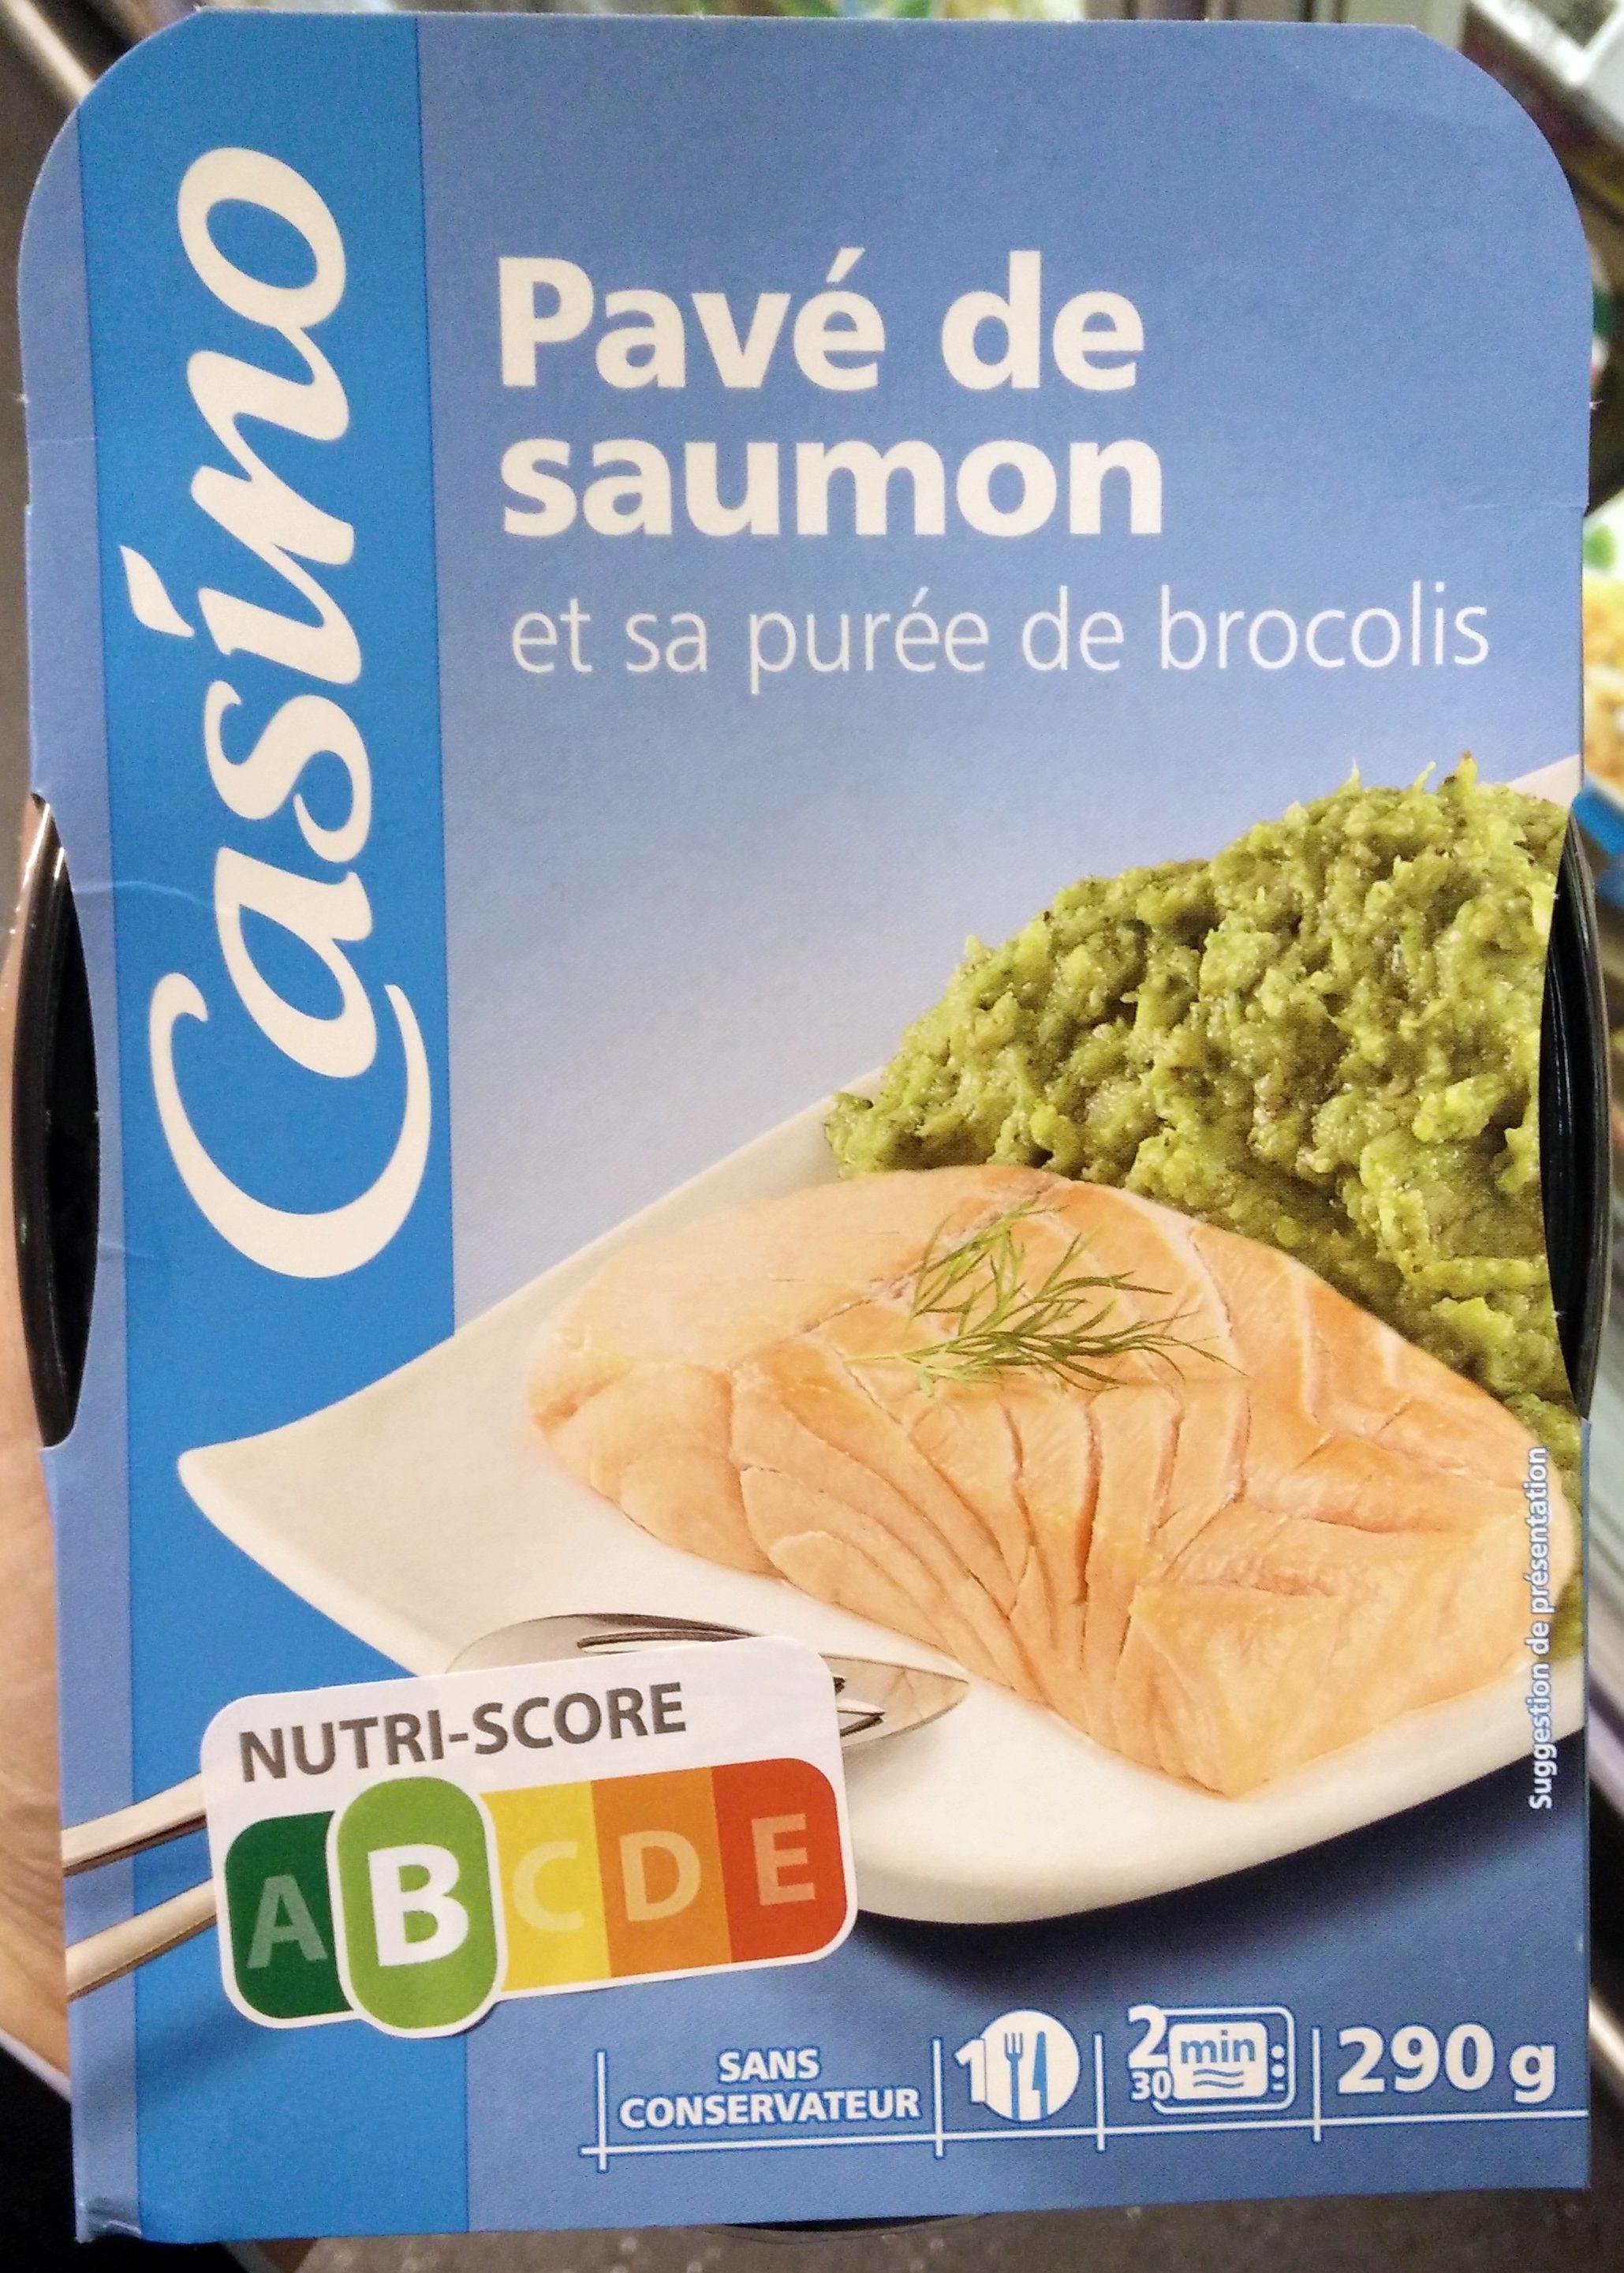 Pavé de saumon et sa purée de brocolis - Produit - fr